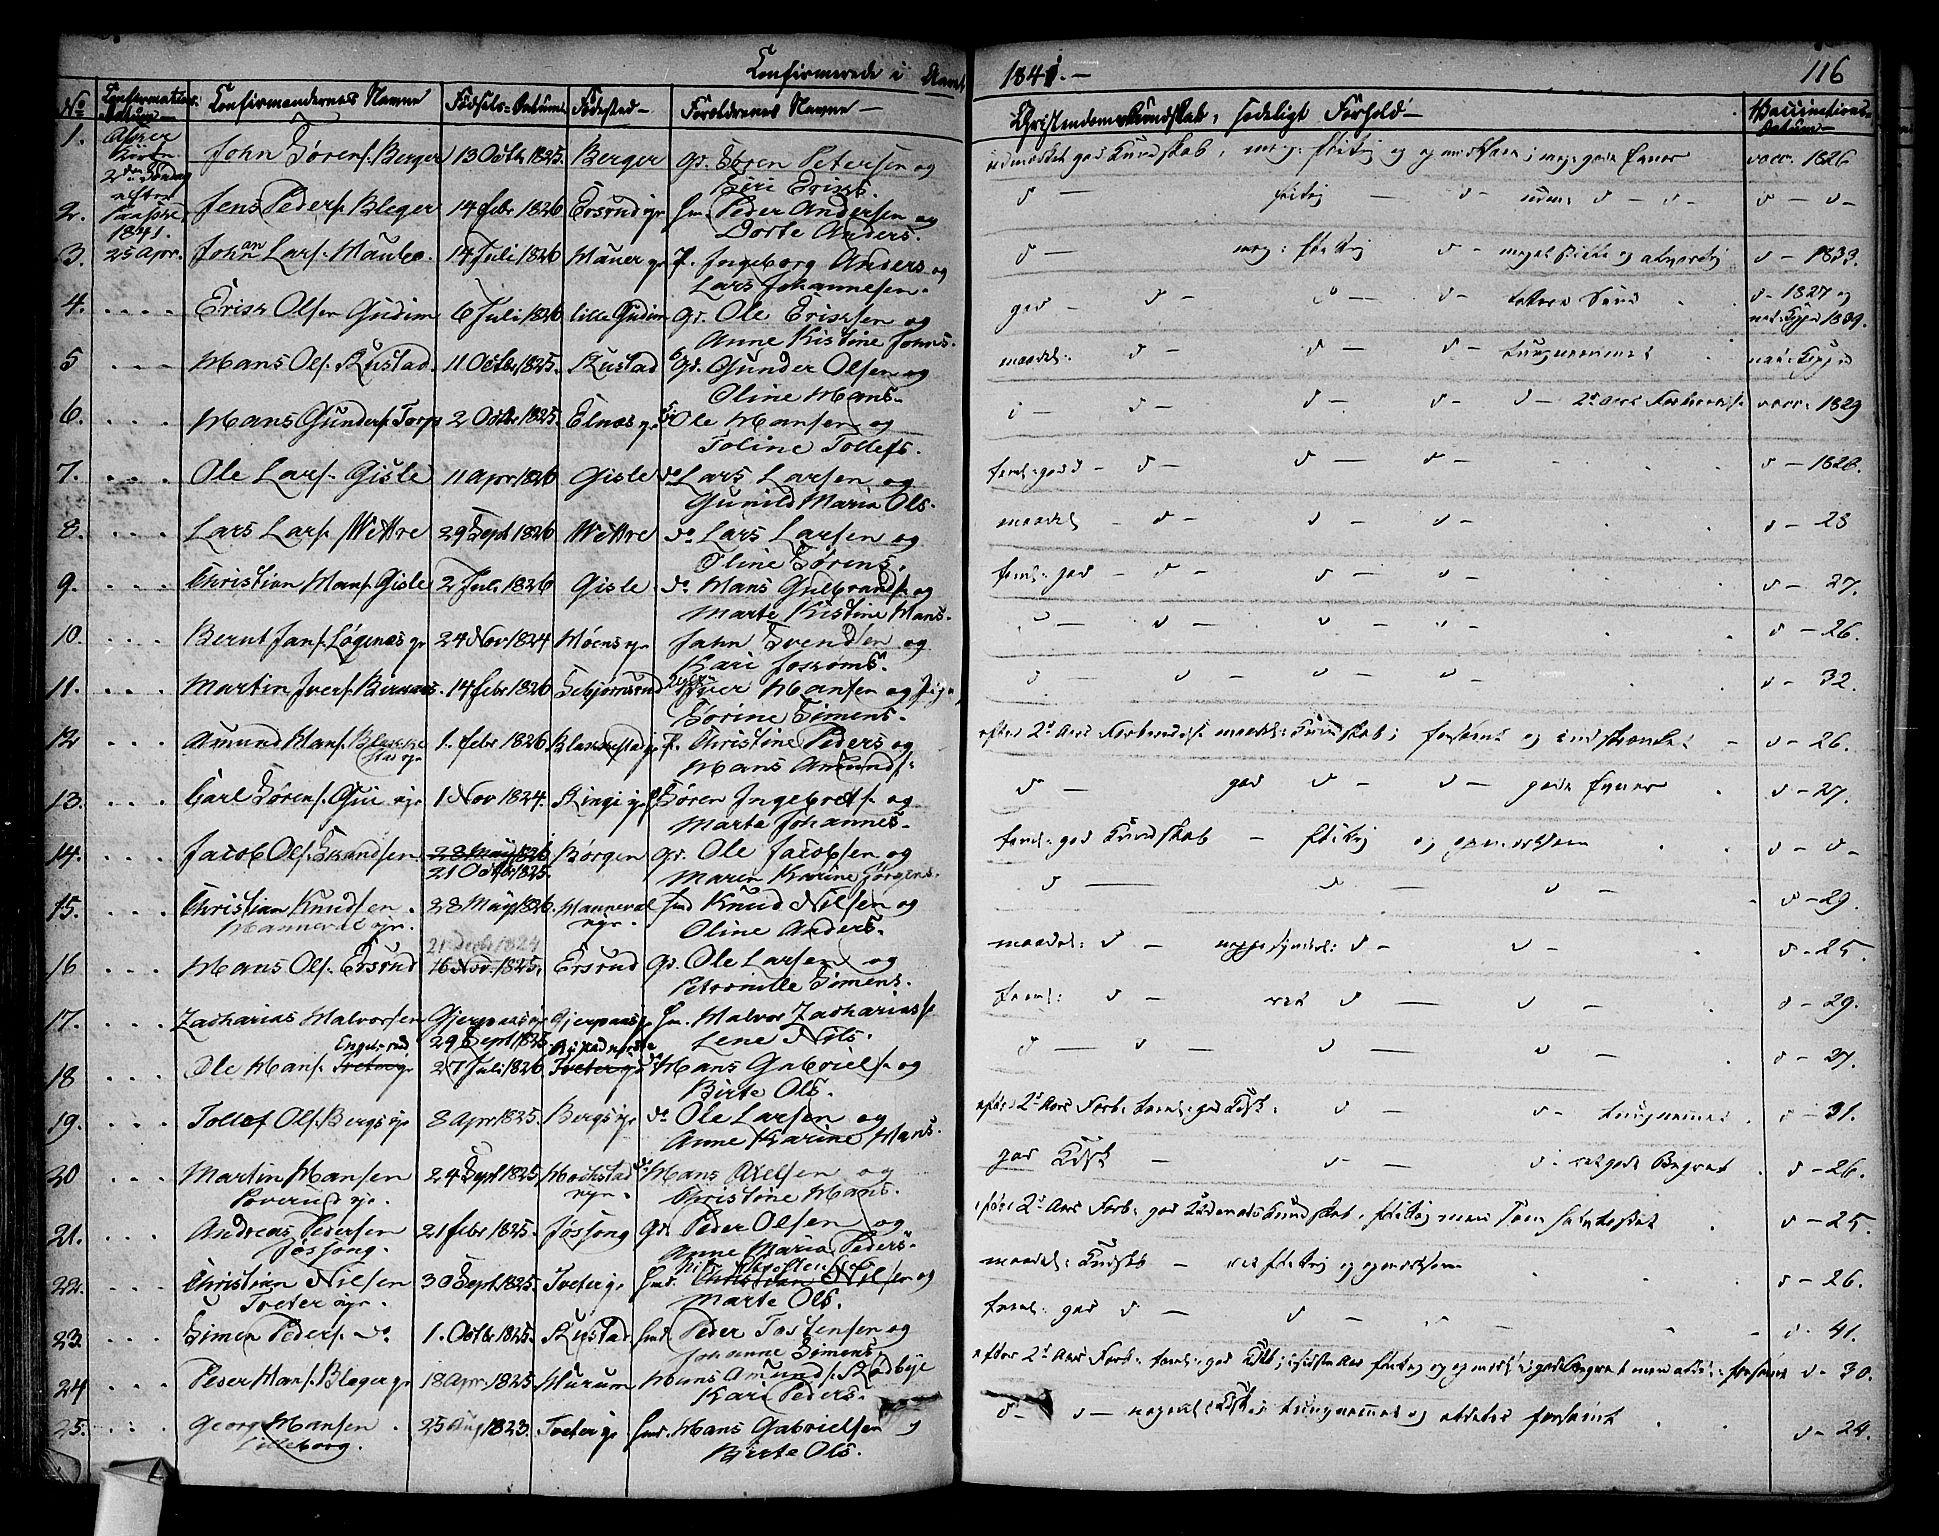 SAO, Asker prestekontor Kirkebøker, F/Fa/L0009: Ministerialbok nr. I 9, 1825-1878, s. 116